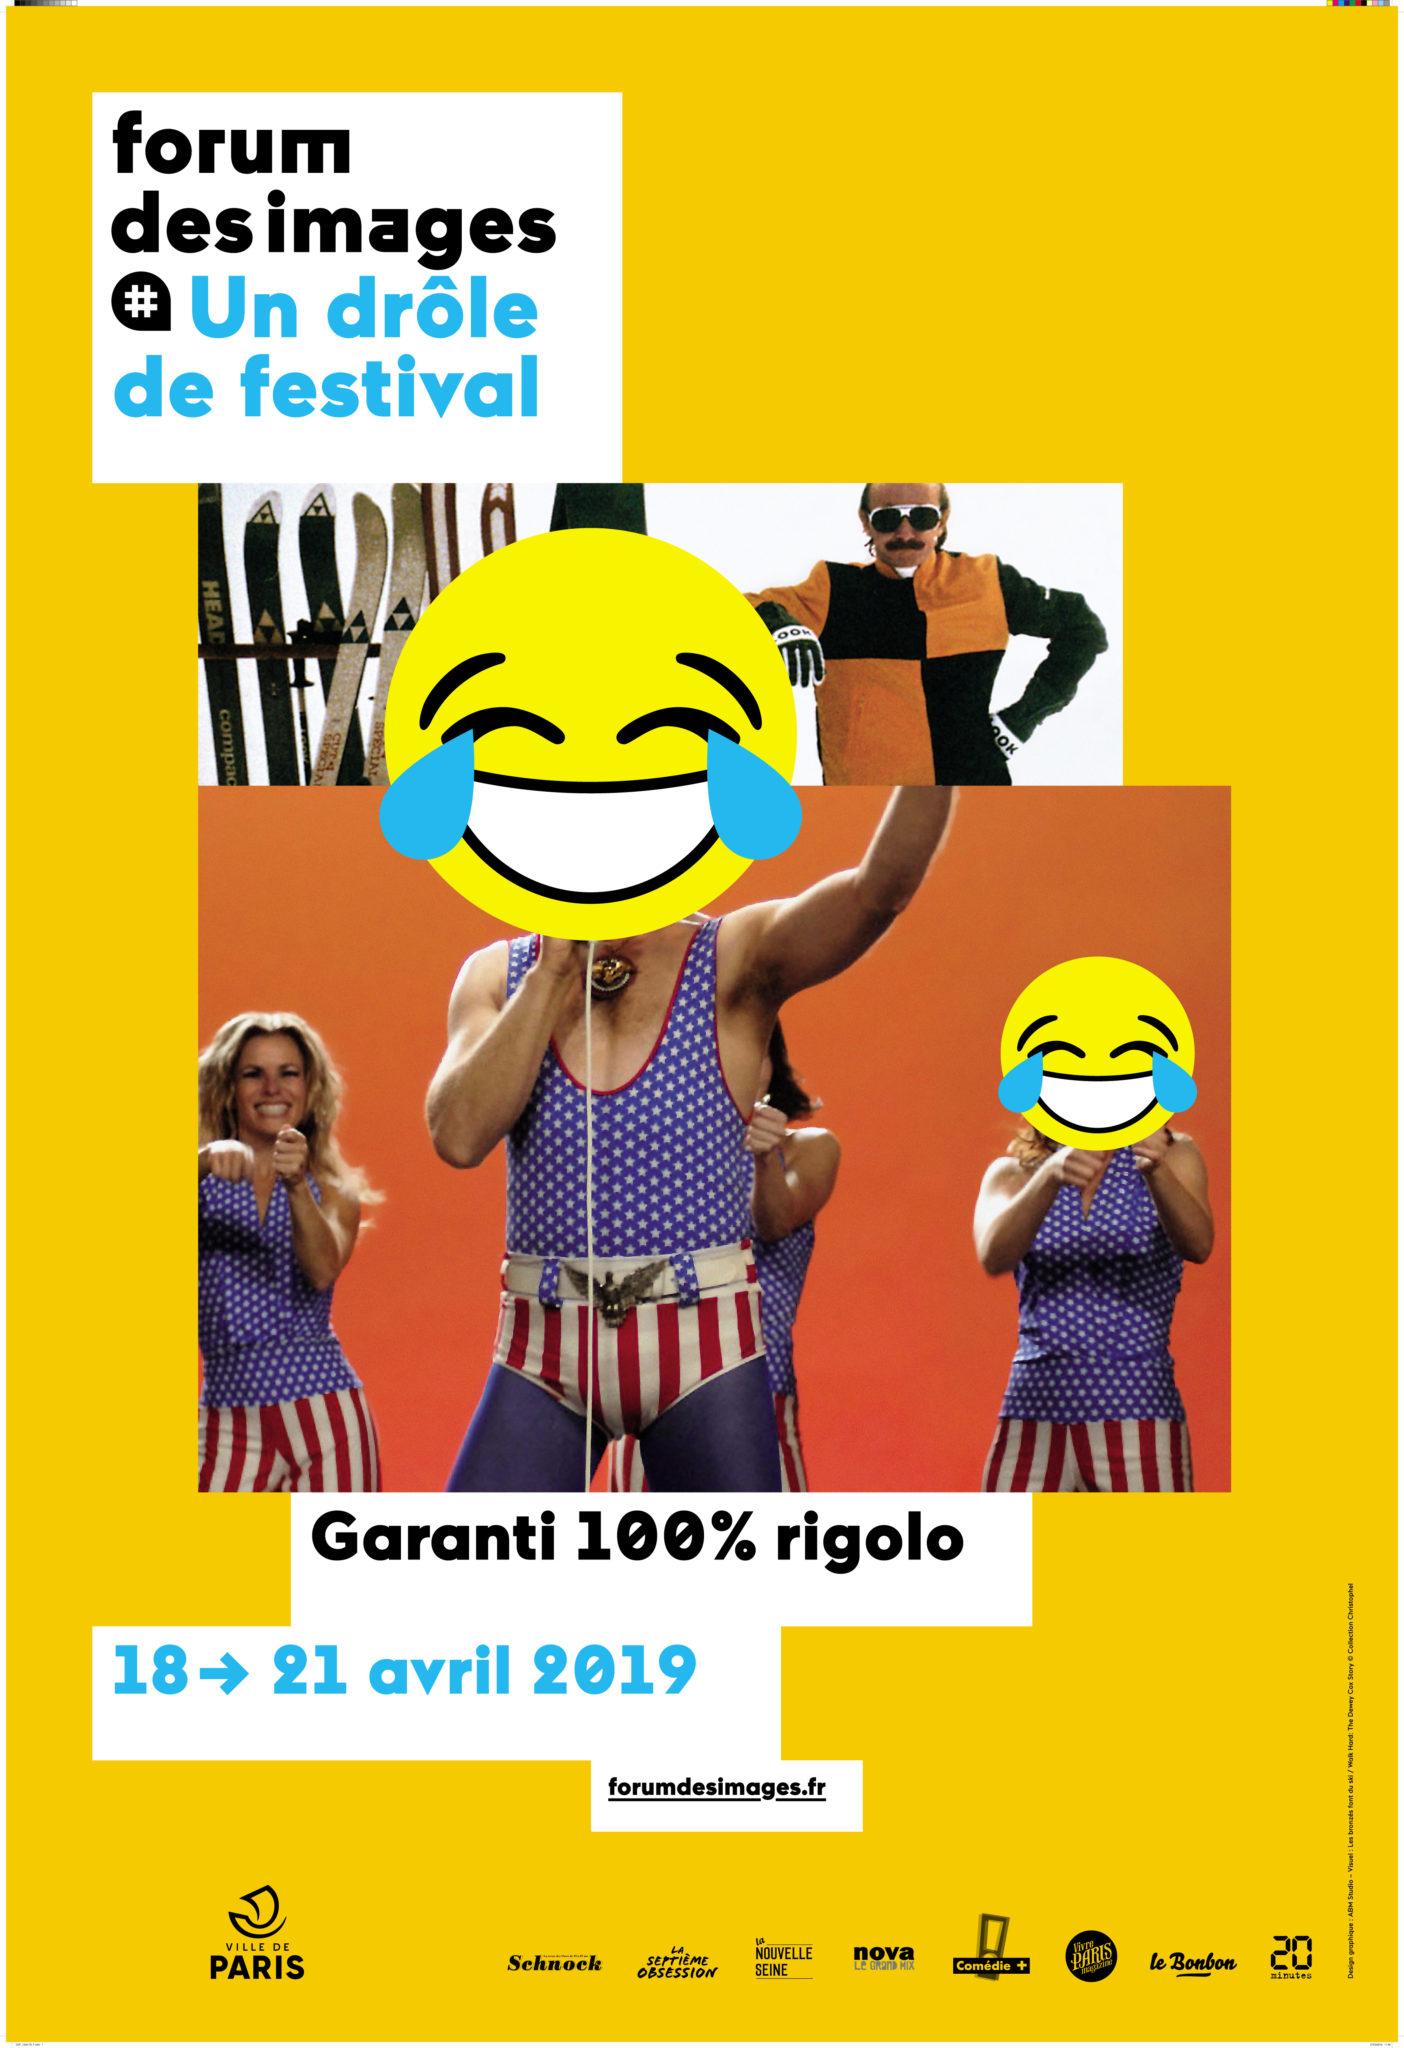 Affiche Un drôle de festival forum des images